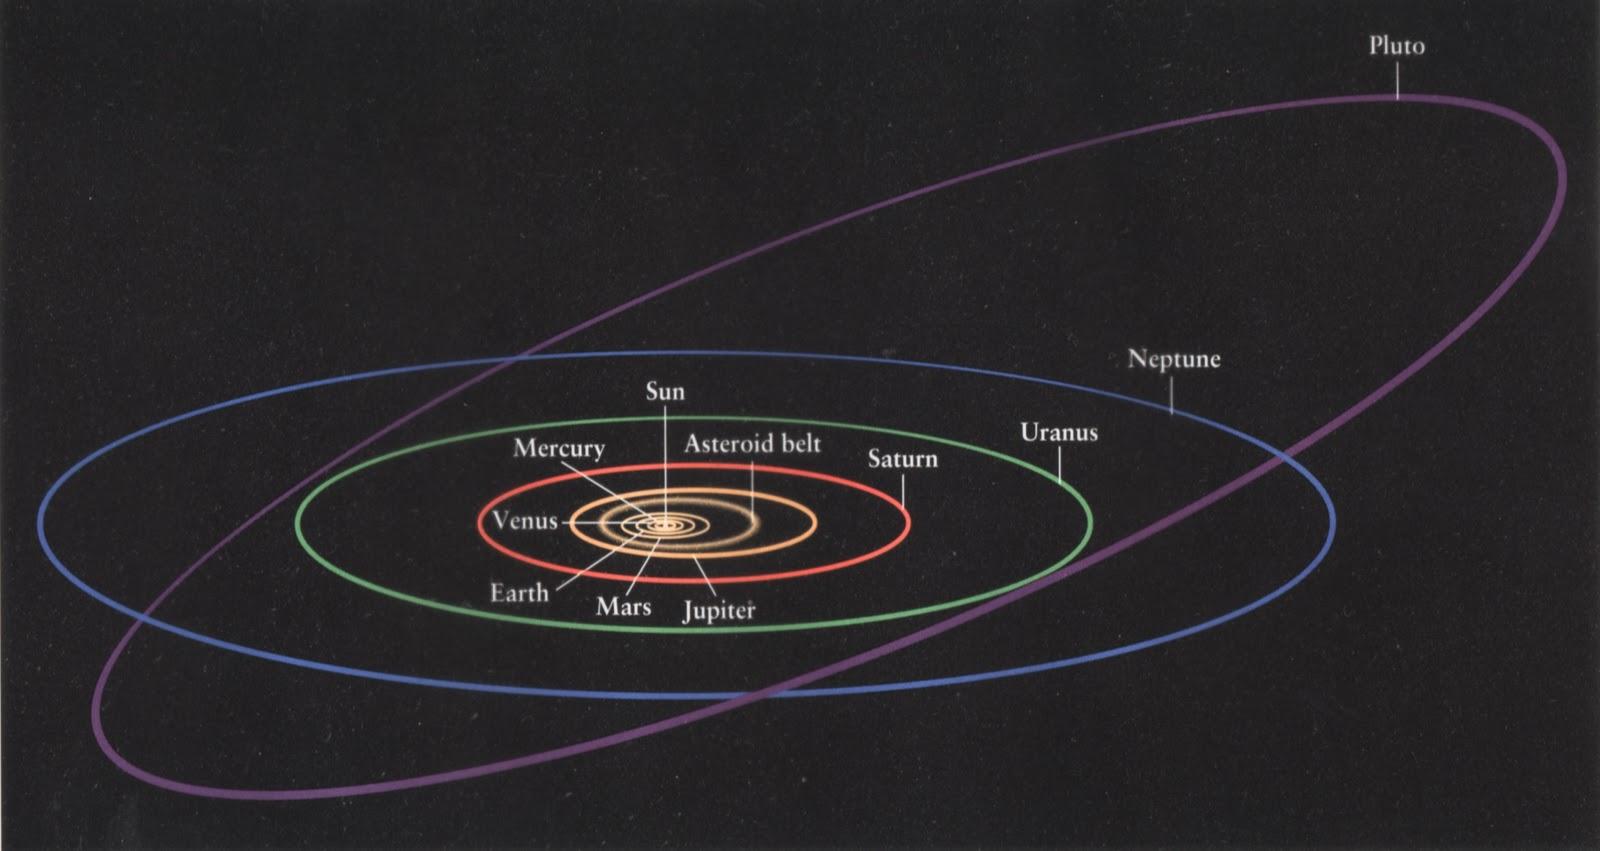 http://2.bp.blogspot.com/_4_xrqJsFnJ8/TM49O5yrm1I/AAAAAAAAAK8/n-giH-ynFR8/s1600/orbits.JPG